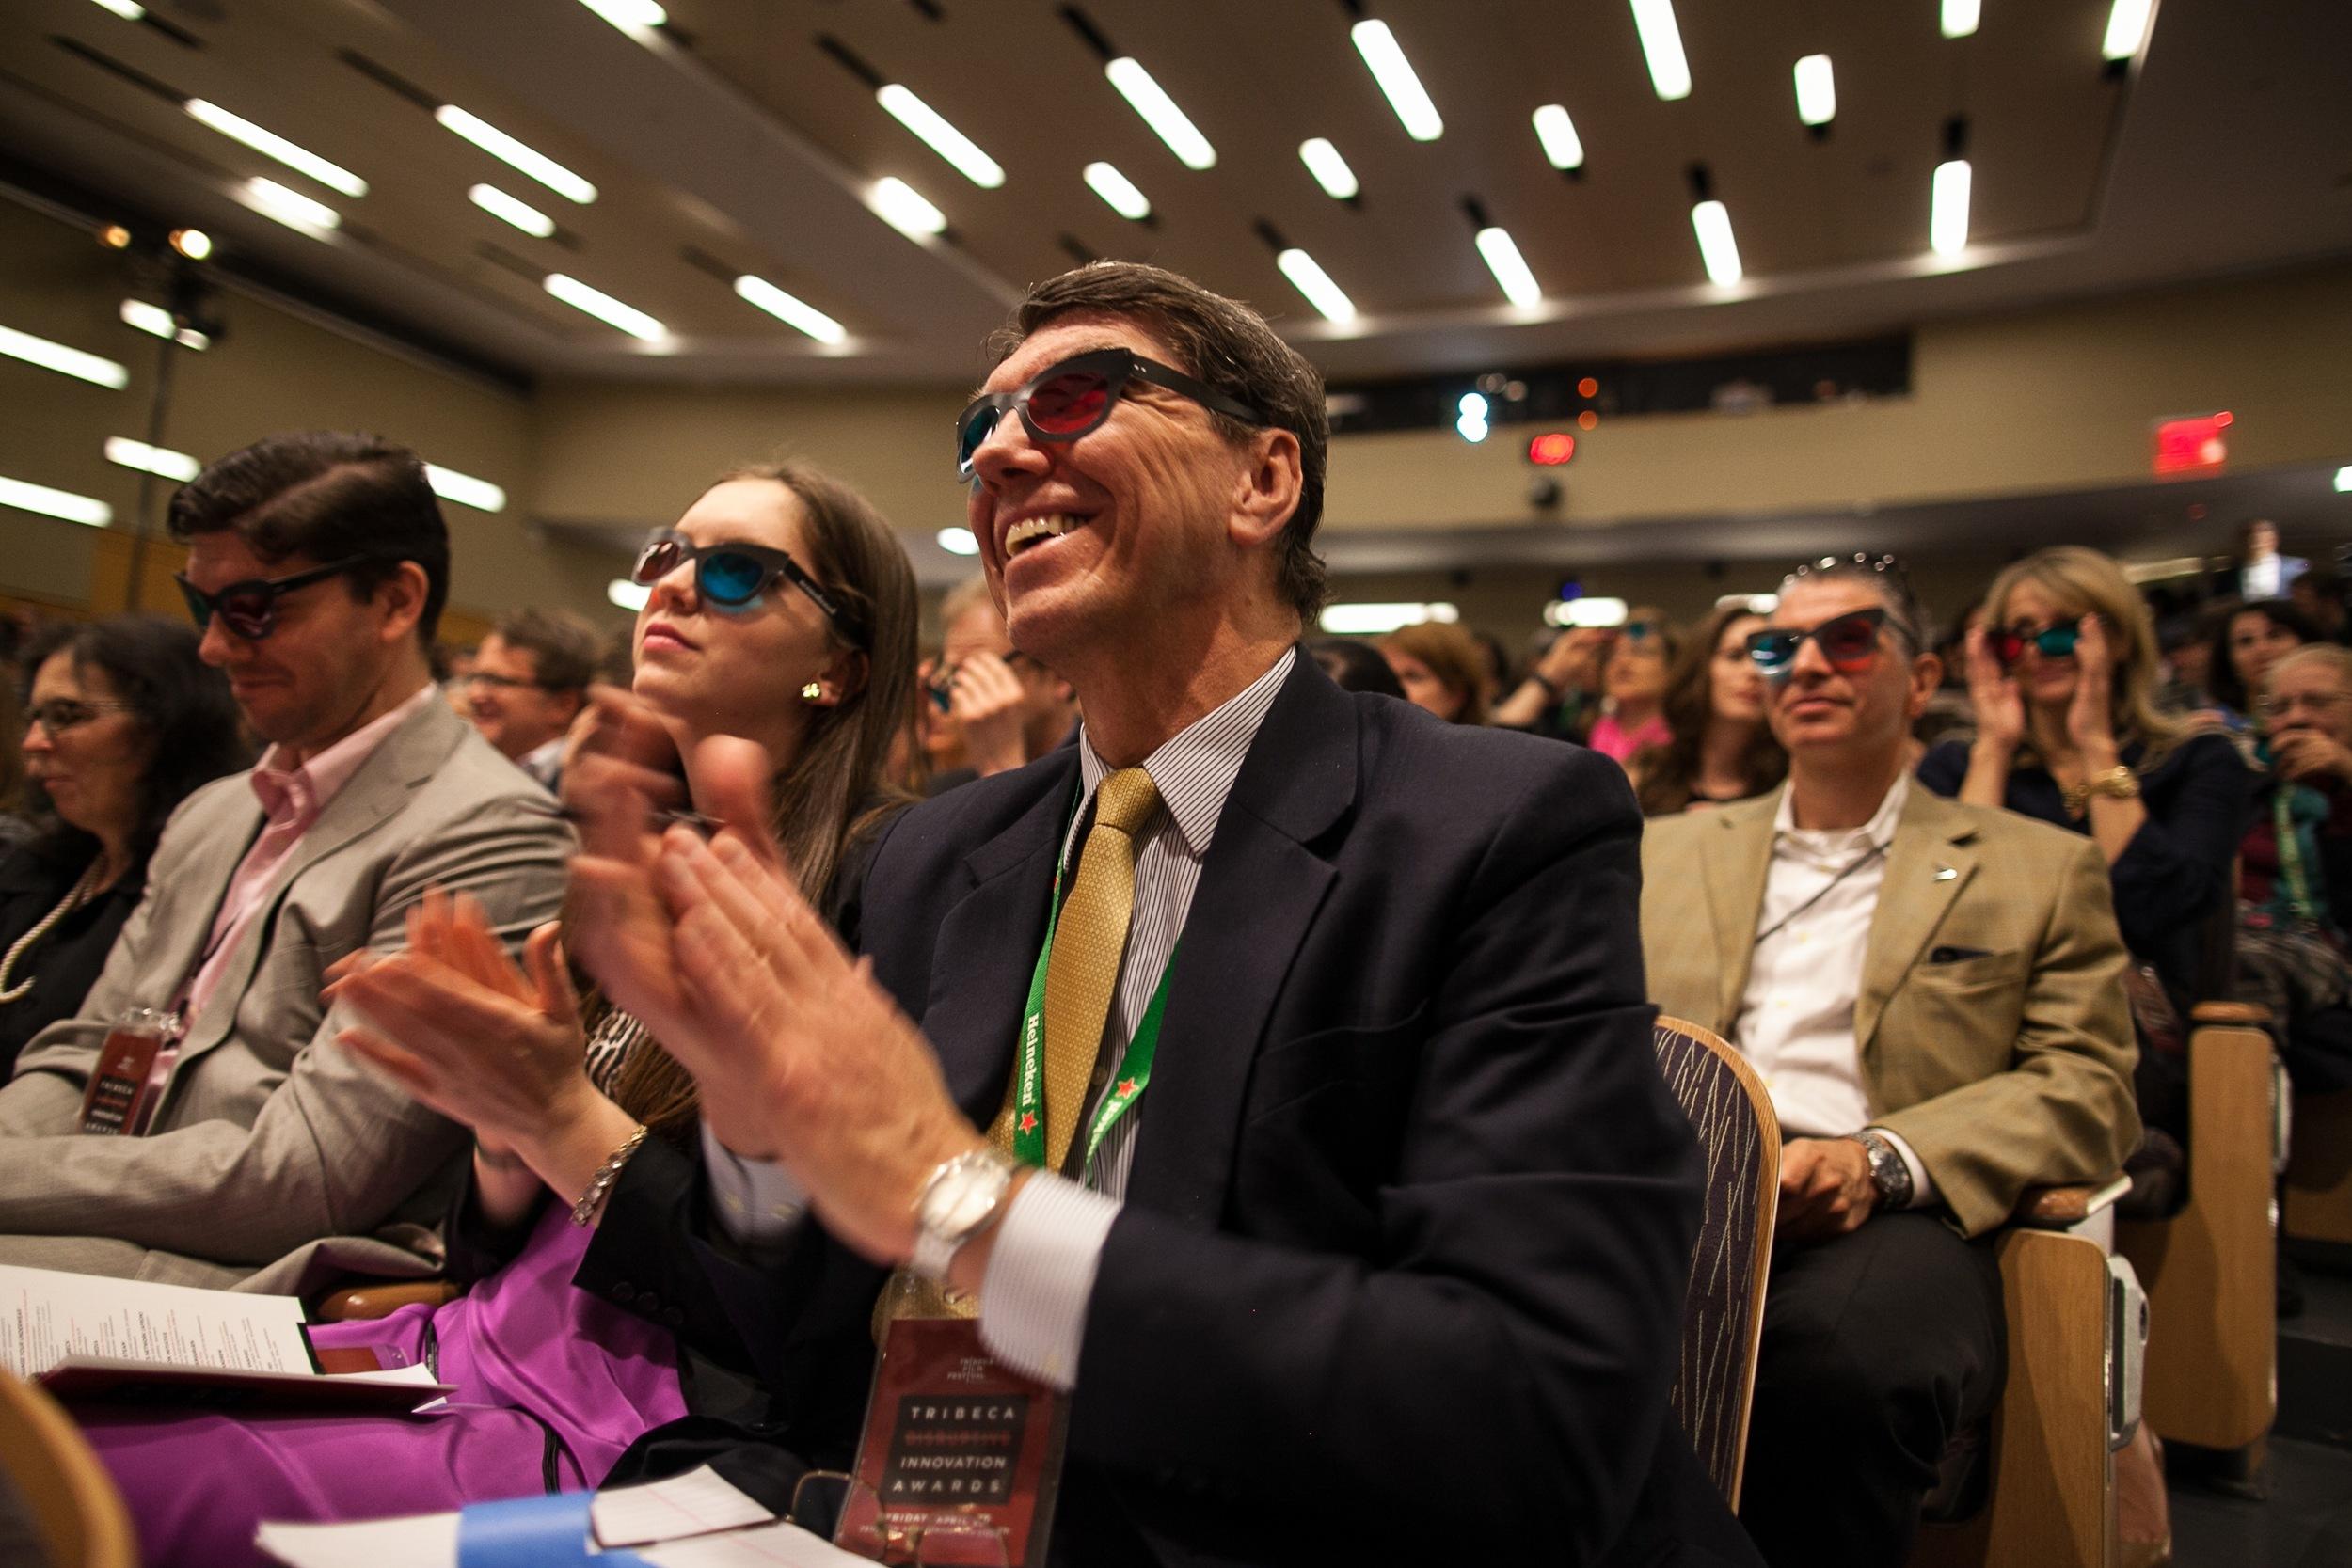 Tribeca Disruptive Innovation Awards 2013 - 105.jpg